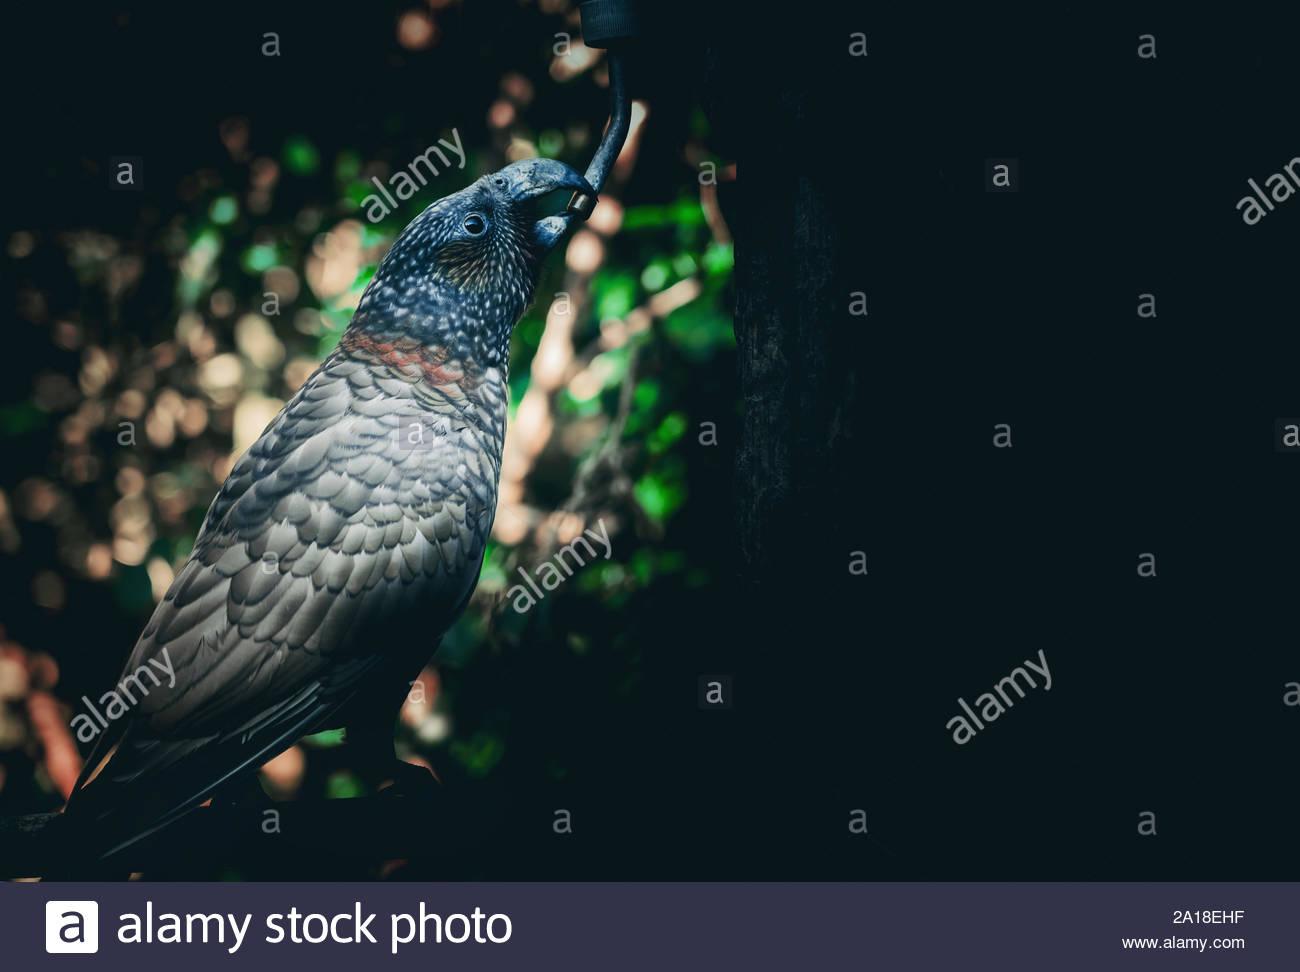 Background Kaka Stock Photos Background Kaka Stock Images   Alamy 1300x972